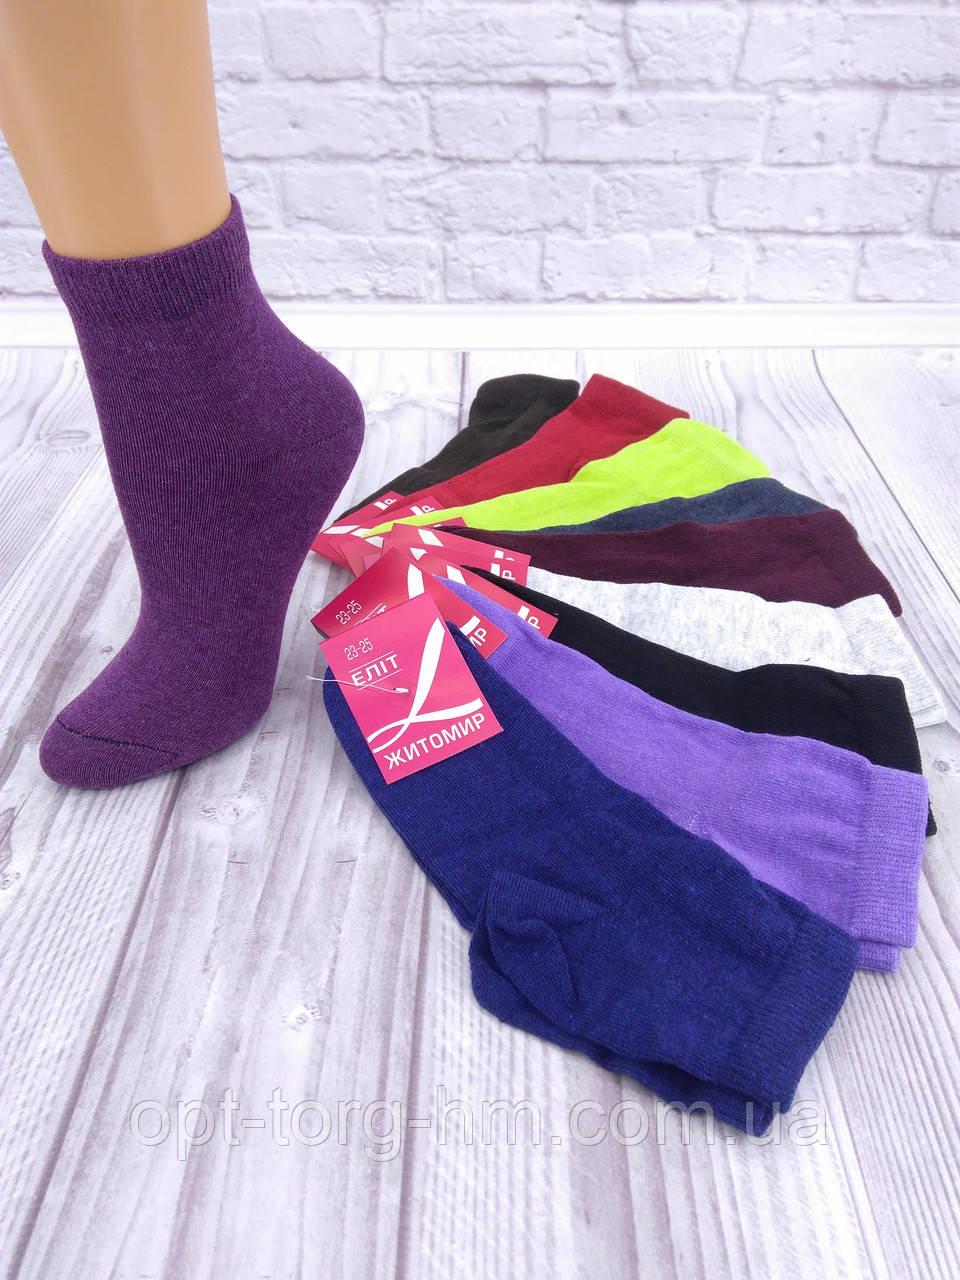 Жіночі шкарпетки короткі, однотонні. Мікс забарвлення.